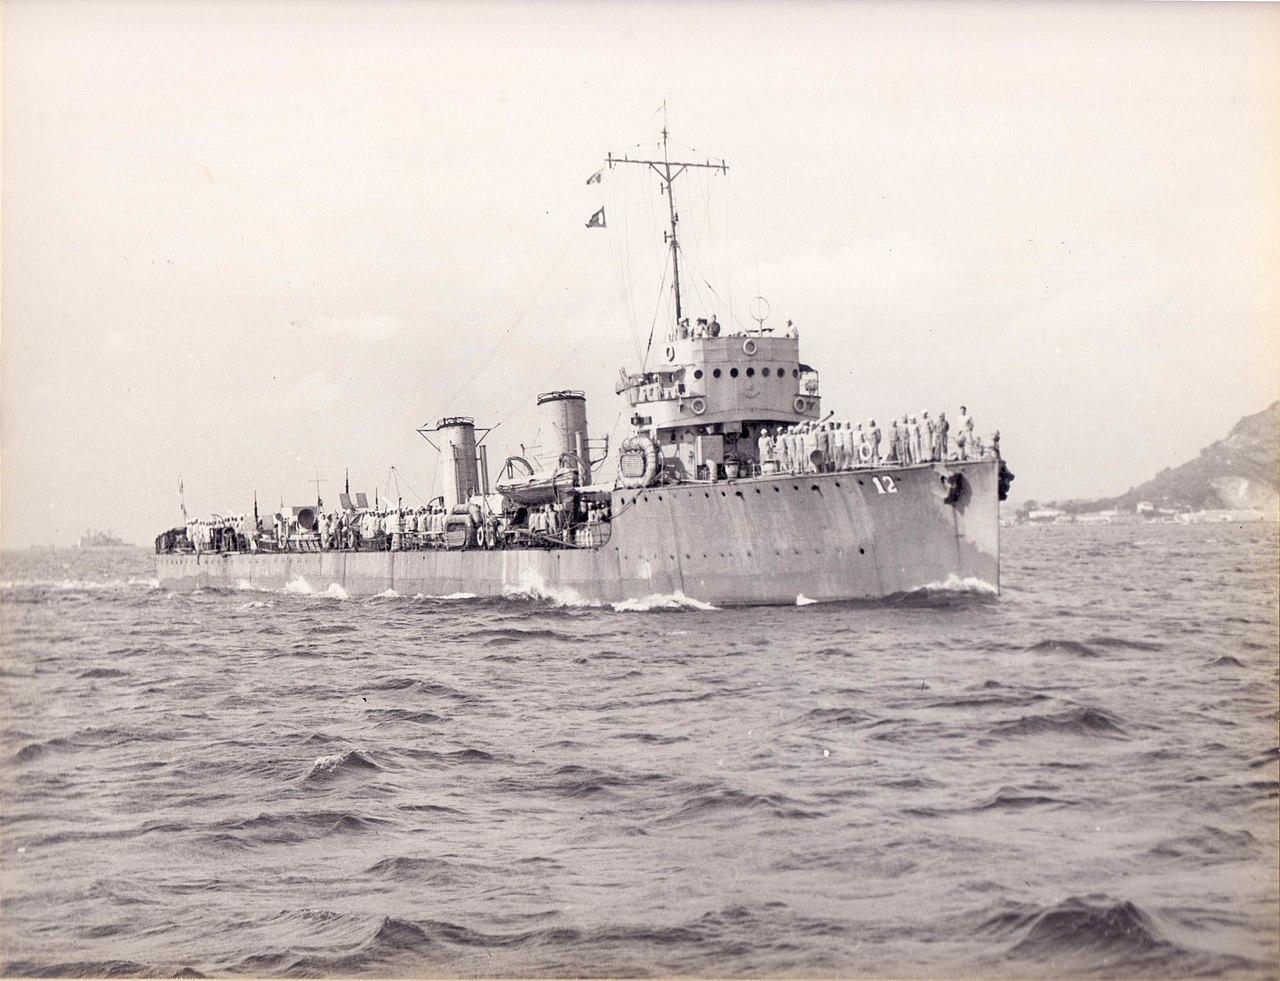 Brazilian destroyer Maranhão